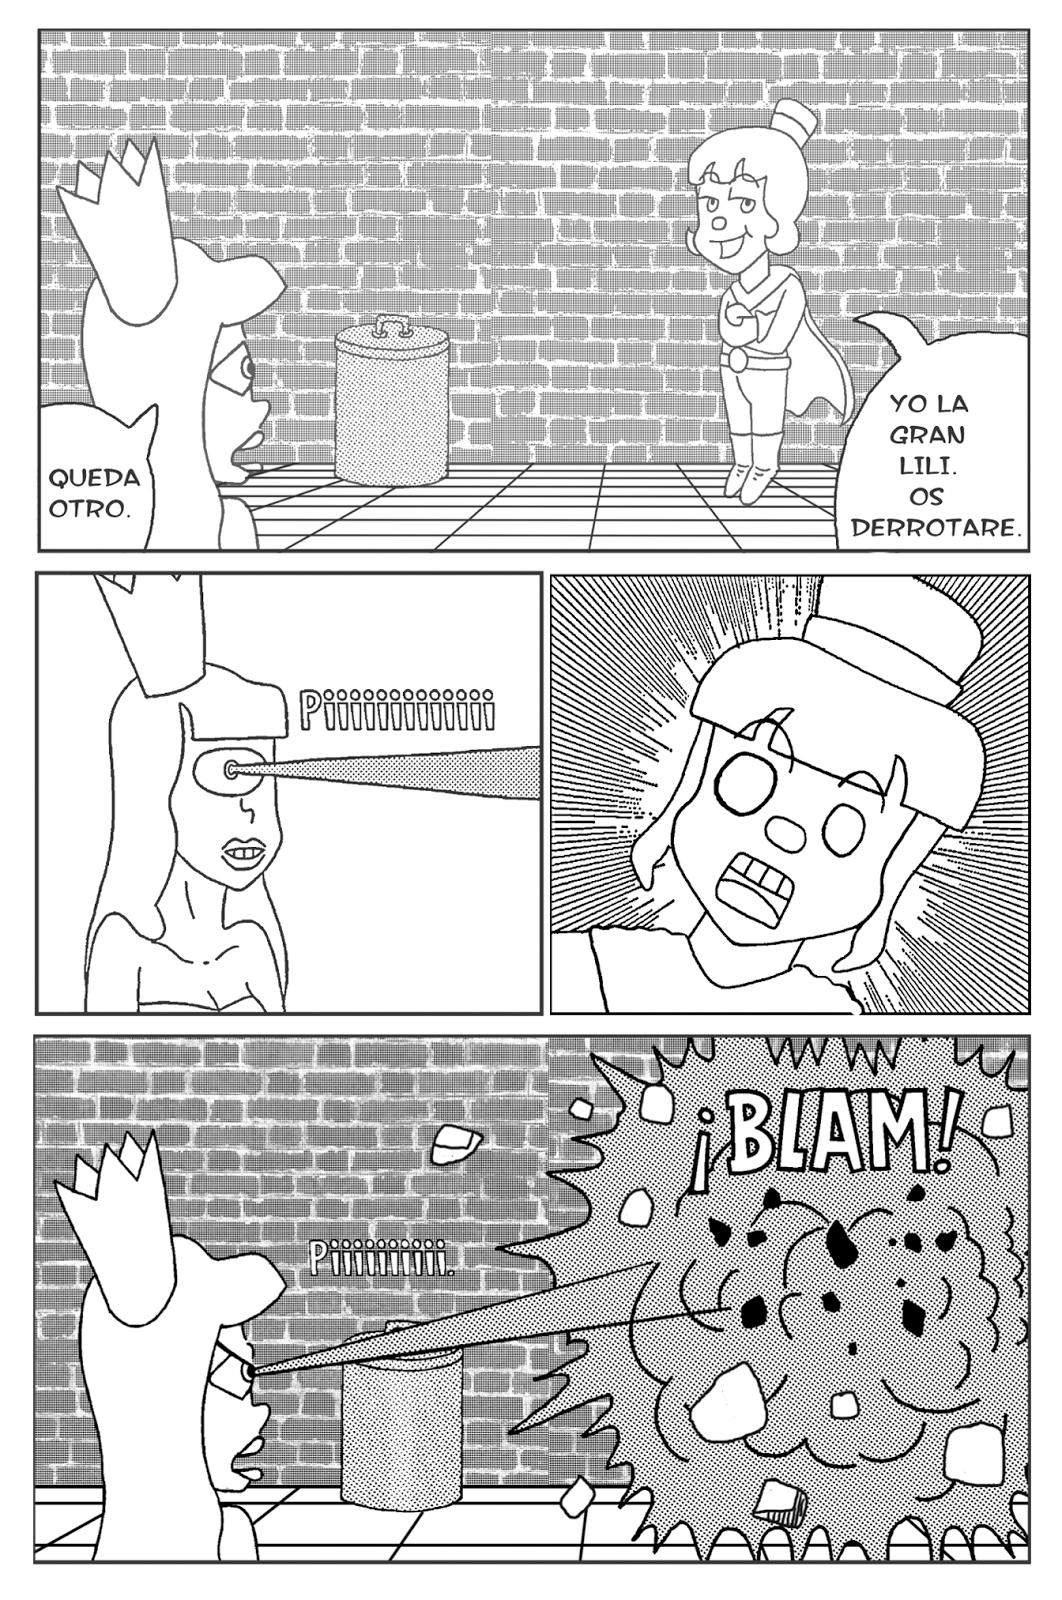 pagina%2B4.png